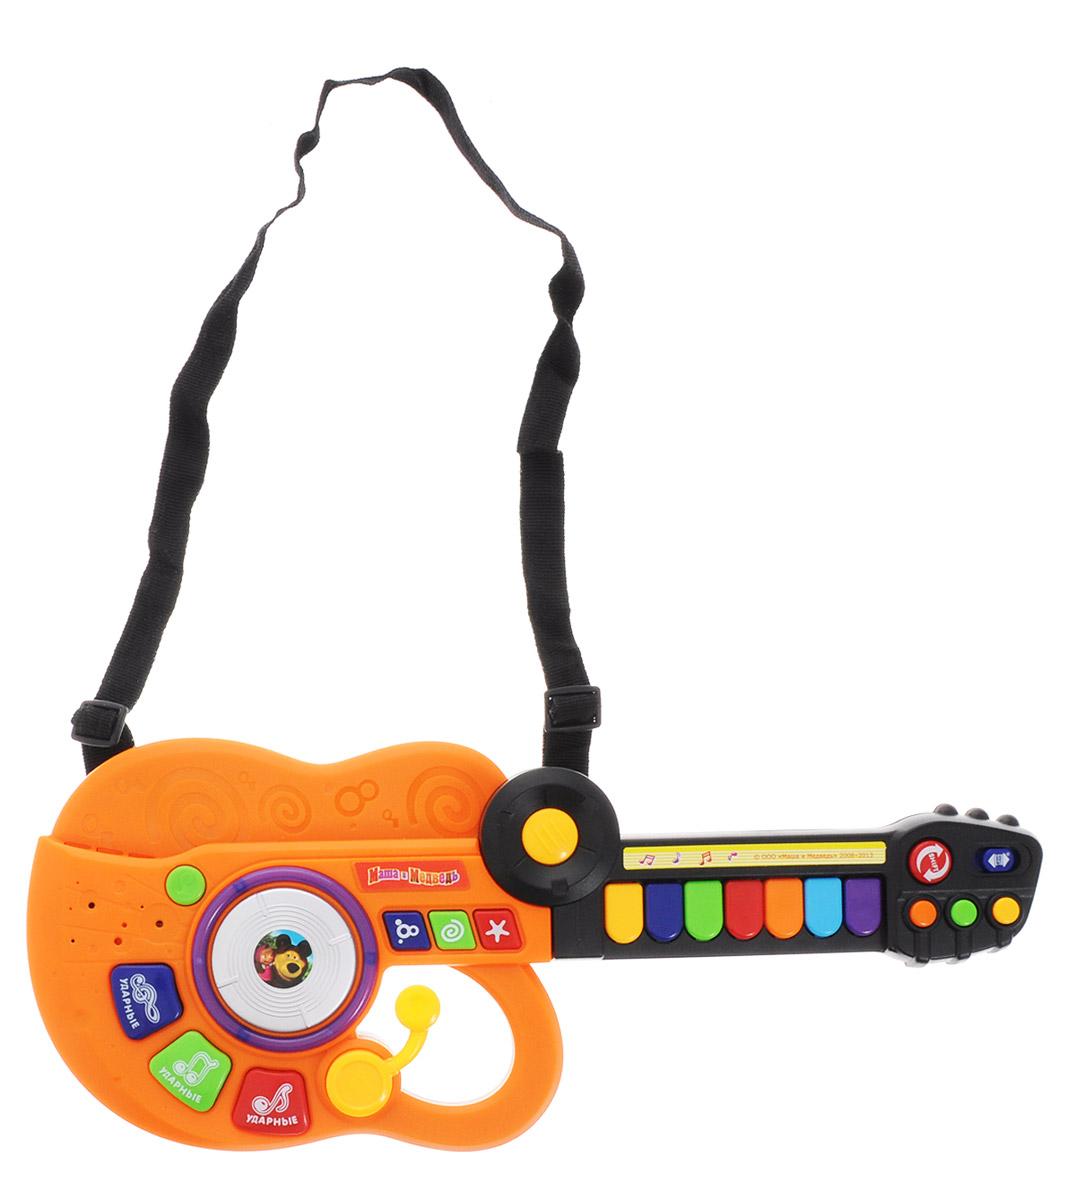 Играем вместе Электрогитара-синтезатор Маша и Медведь цвет оранжевыйBB778-R2_оранжевыйЭлектрогитара-синтезатор Играем вместе Маша и Медведь непременно понравится вашему ребенку и не позволит ему скучать. Игрушка выполнена из прочного и безопасного пластика ярких цветов. Гитара снабжена текстильным ремнем для более удобной игры. Электрогитара-синтезатор Маша и Медведь обладает световыми эффектами и воспроизводит 7 песенок из мультфильма. В инструменте запрограммированы 18 звуковых эффектов, имеются кнопка переключения режимов, кнопки для аккордов, а в центре - диск ди-джея! Игрушку можно использовать как гитару. А можно сложить гриф и получится игрушечный синтезатор с семью клавишами! Музыкальный инструмент поможет ребенку развить слух, зрение, моторику и воображение, артистизм и творческое мышление. С такой игрушкой ваш ребенок порадует вас замечательным концертом! Рекомендуется докупить 3 батарейки типа АА (в комплект не входят).